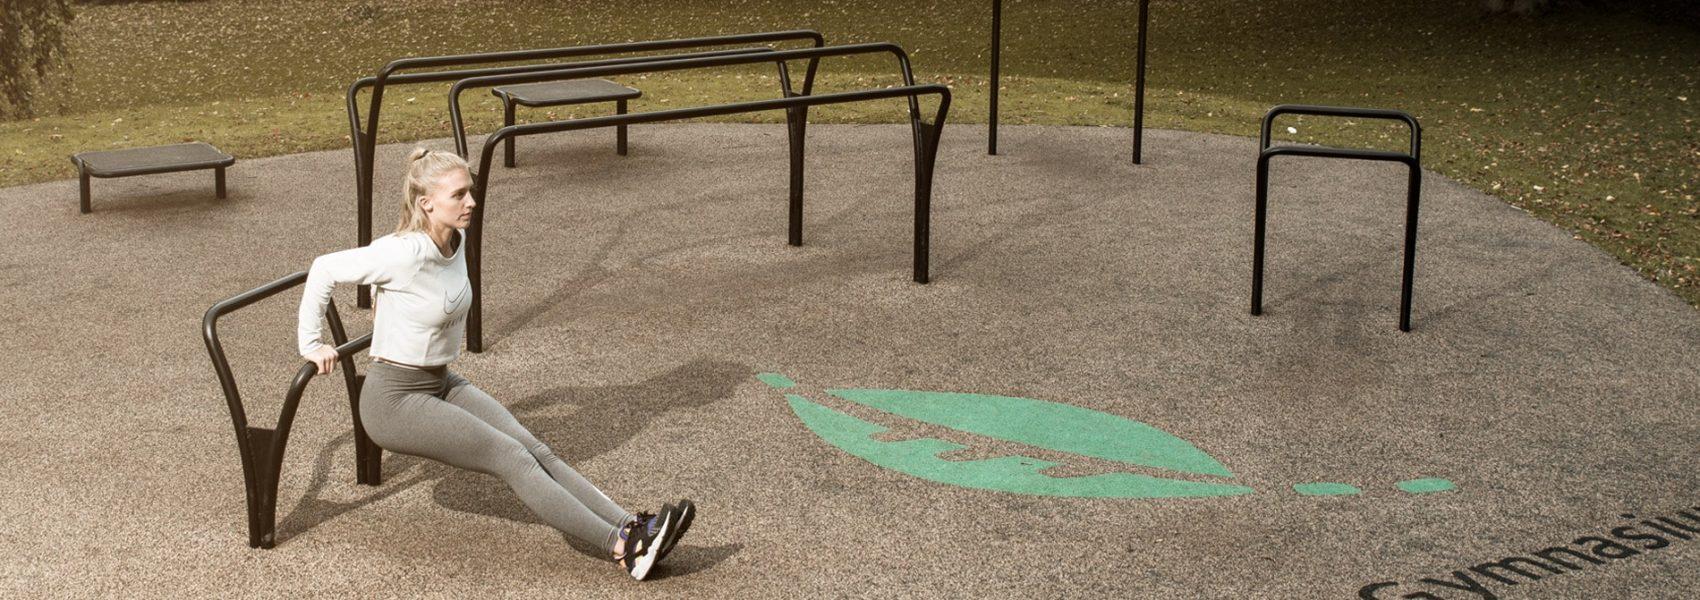 Udendoers fitnesspark til traening og motion